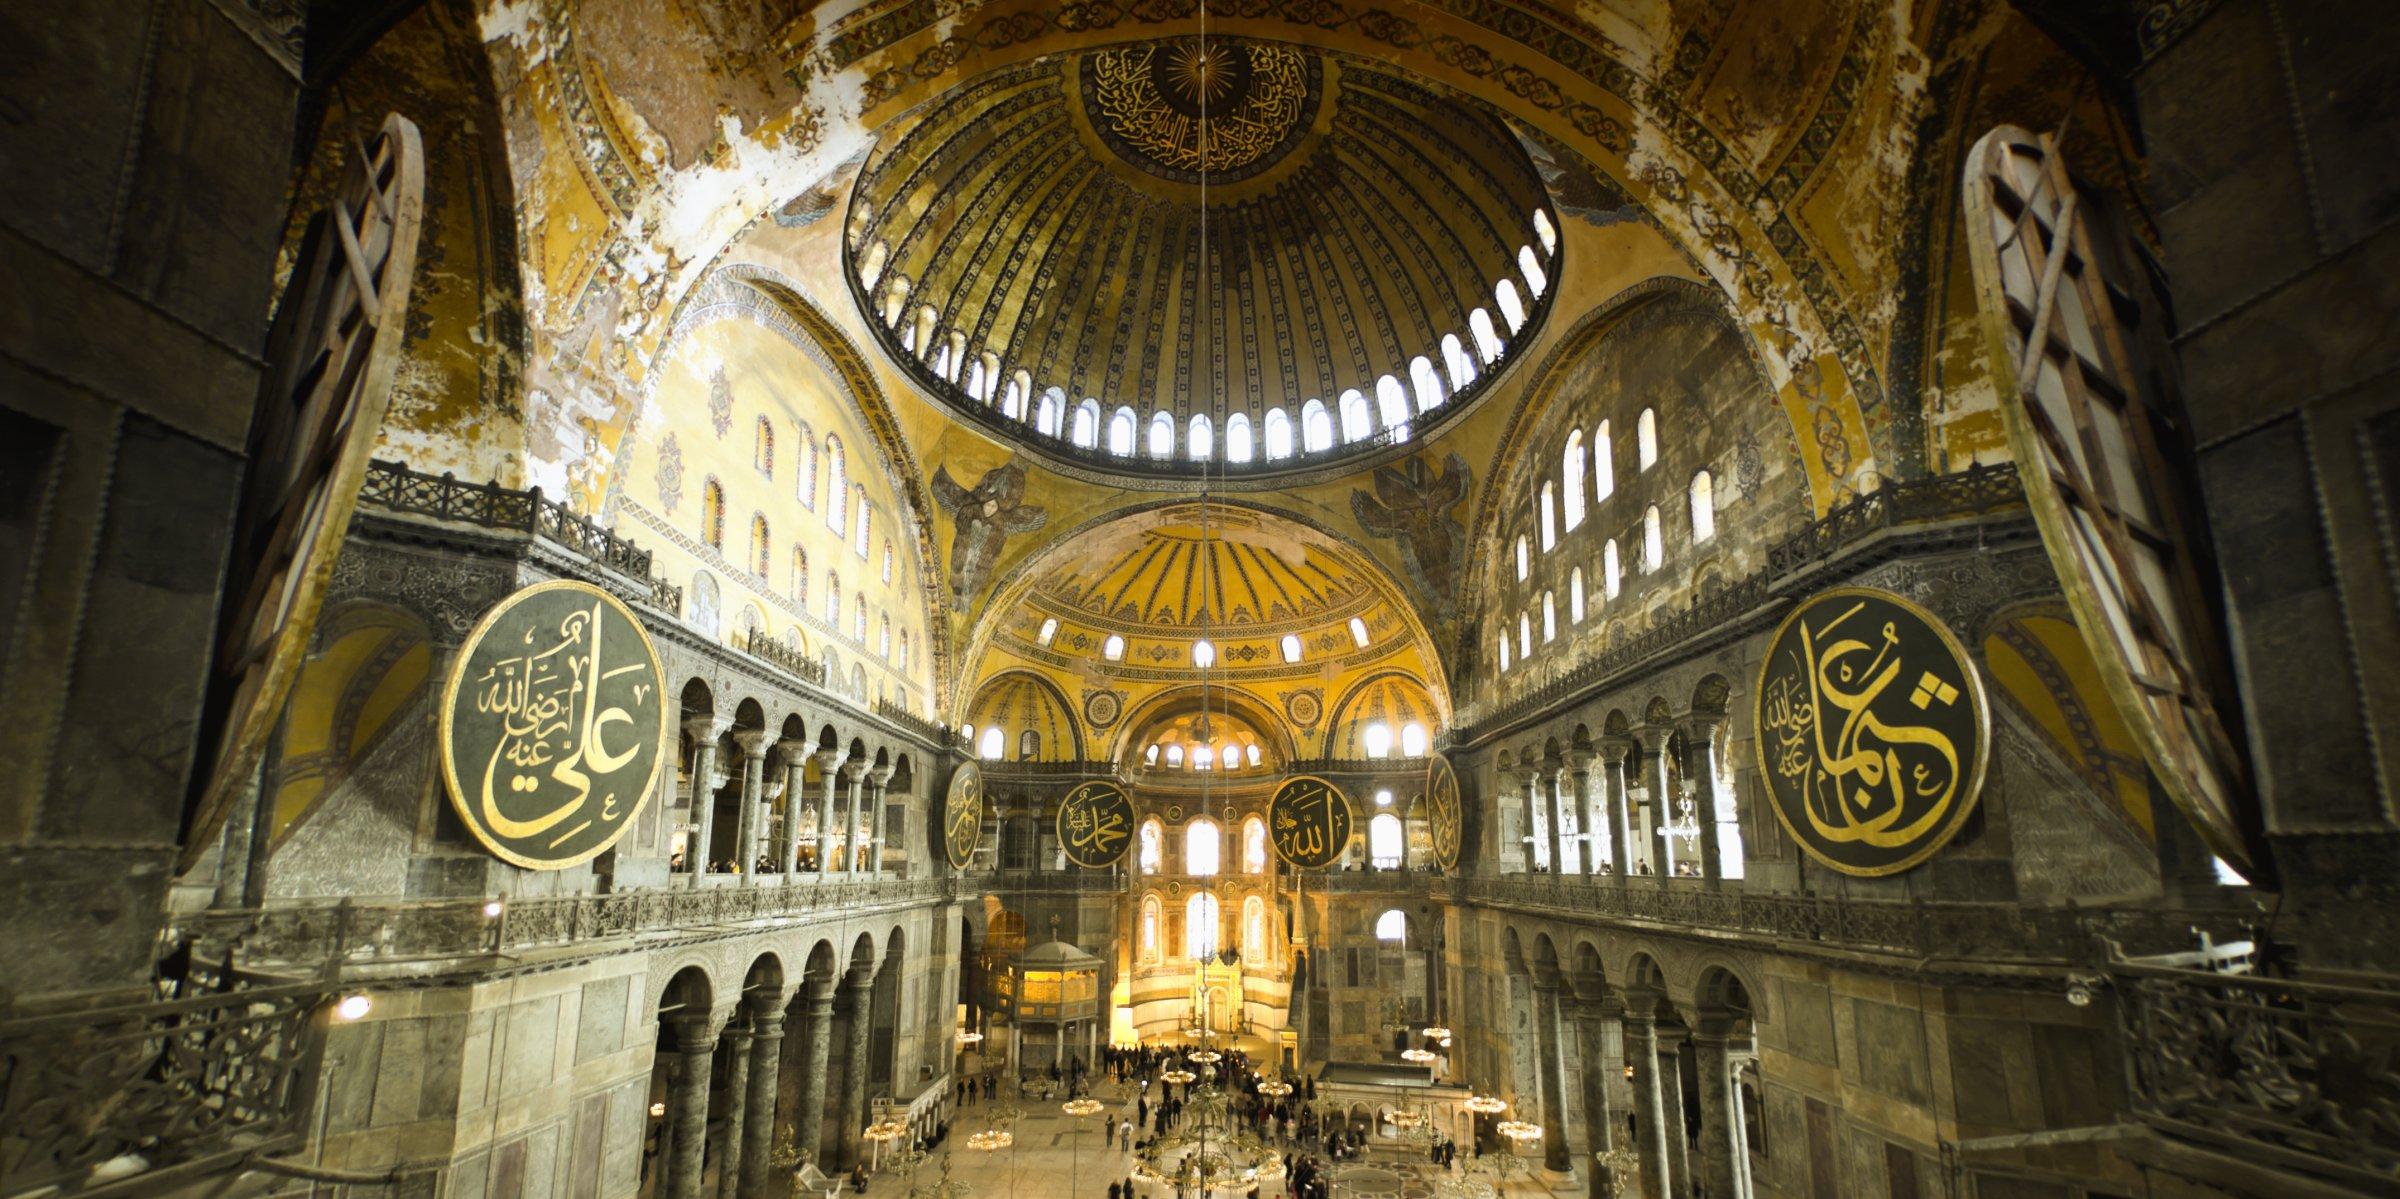 Shën Sofia e kthyer në xhami  SHBA dhe europianët kundër Turqisë